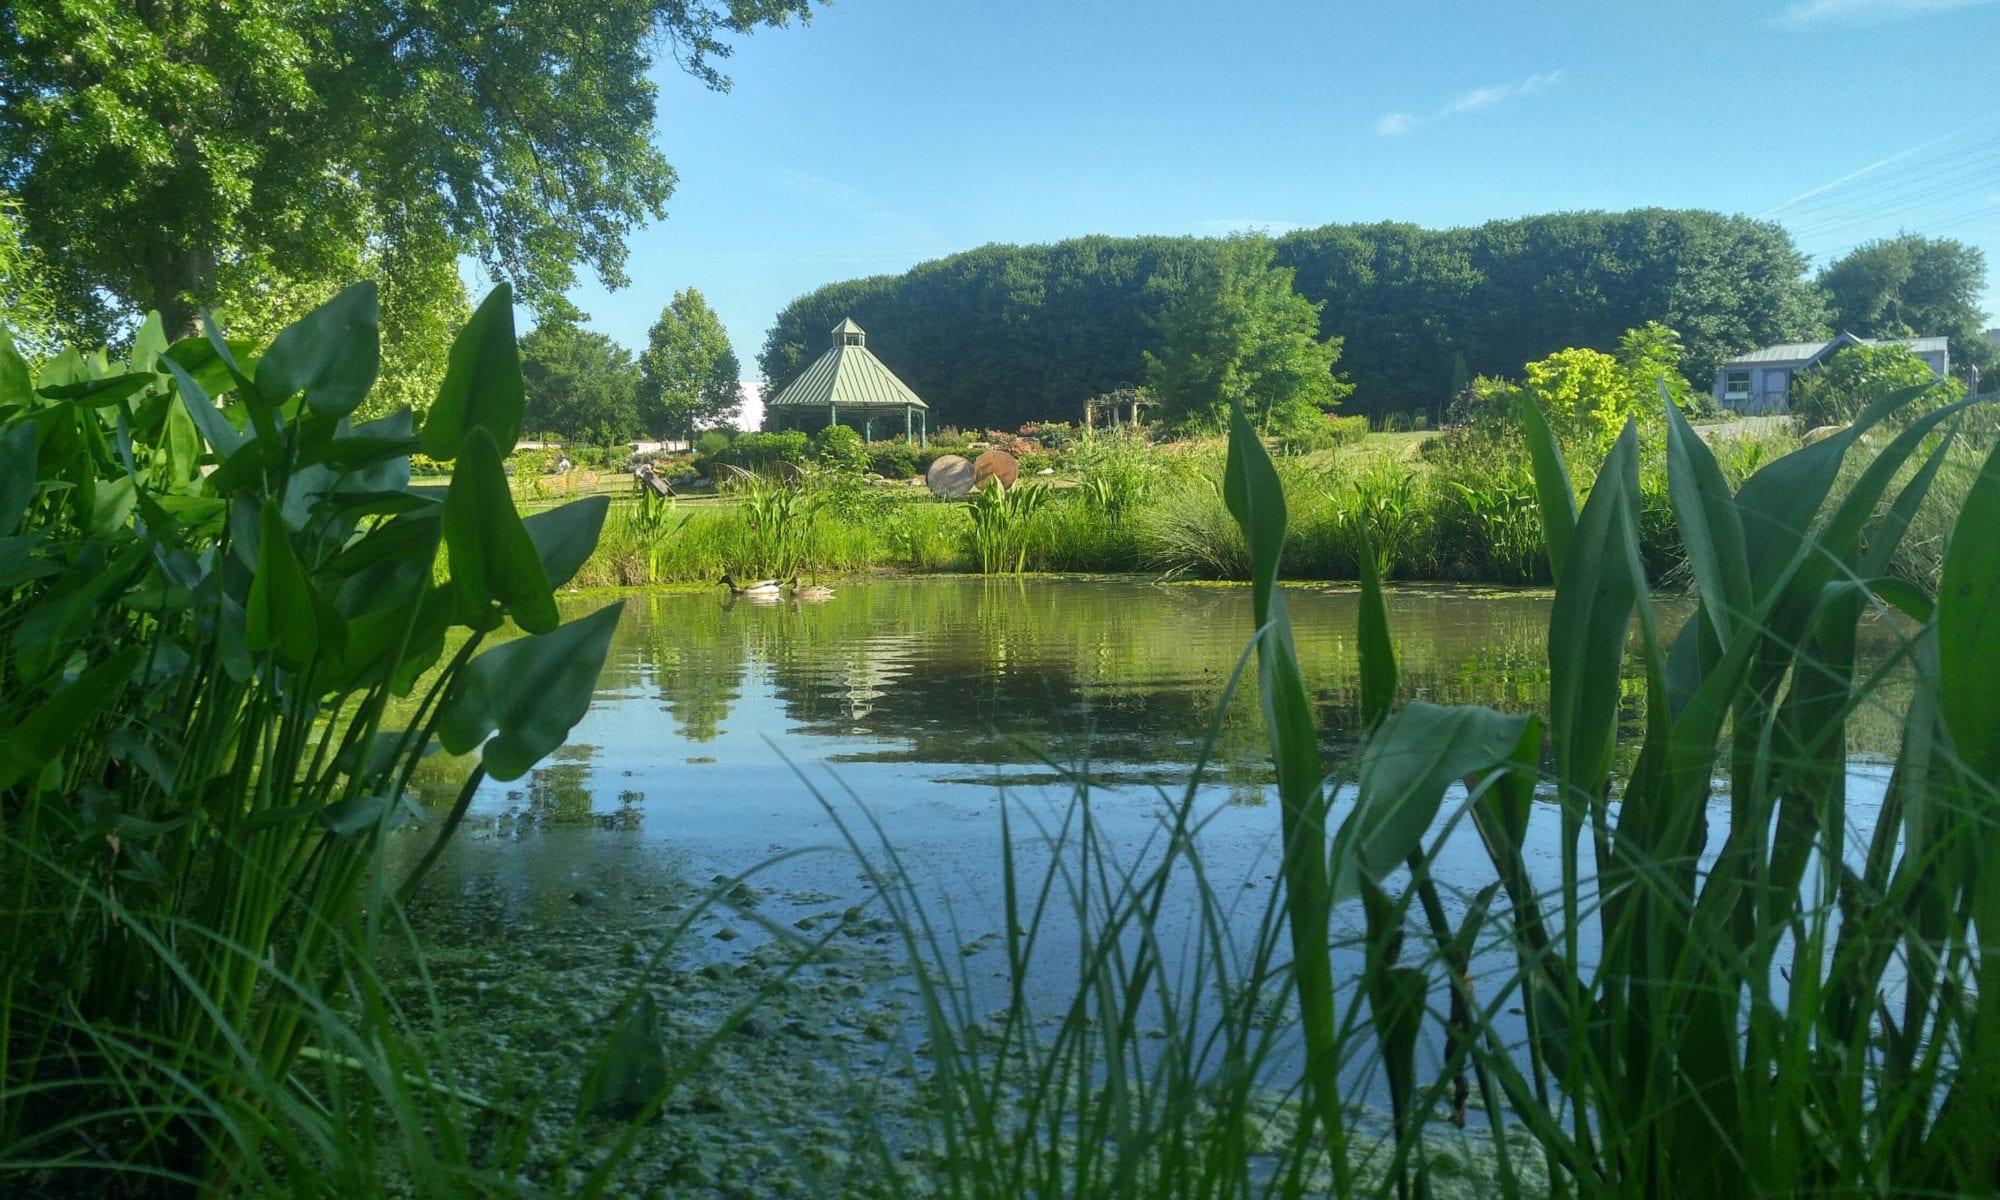 Wetland Plants for Your Backyard Habitat